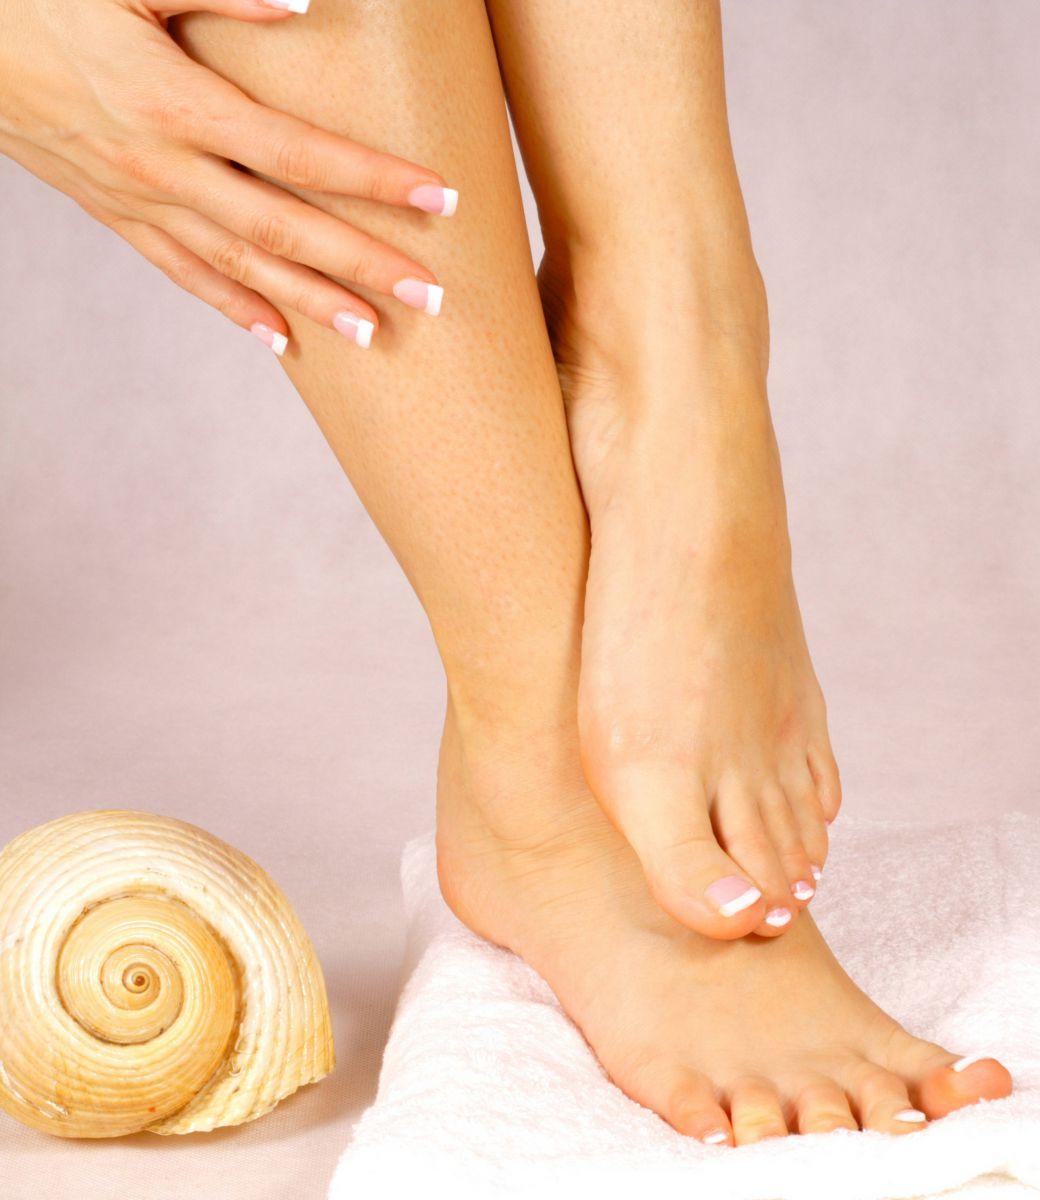 visszér a lábakban hatékony kezelés)